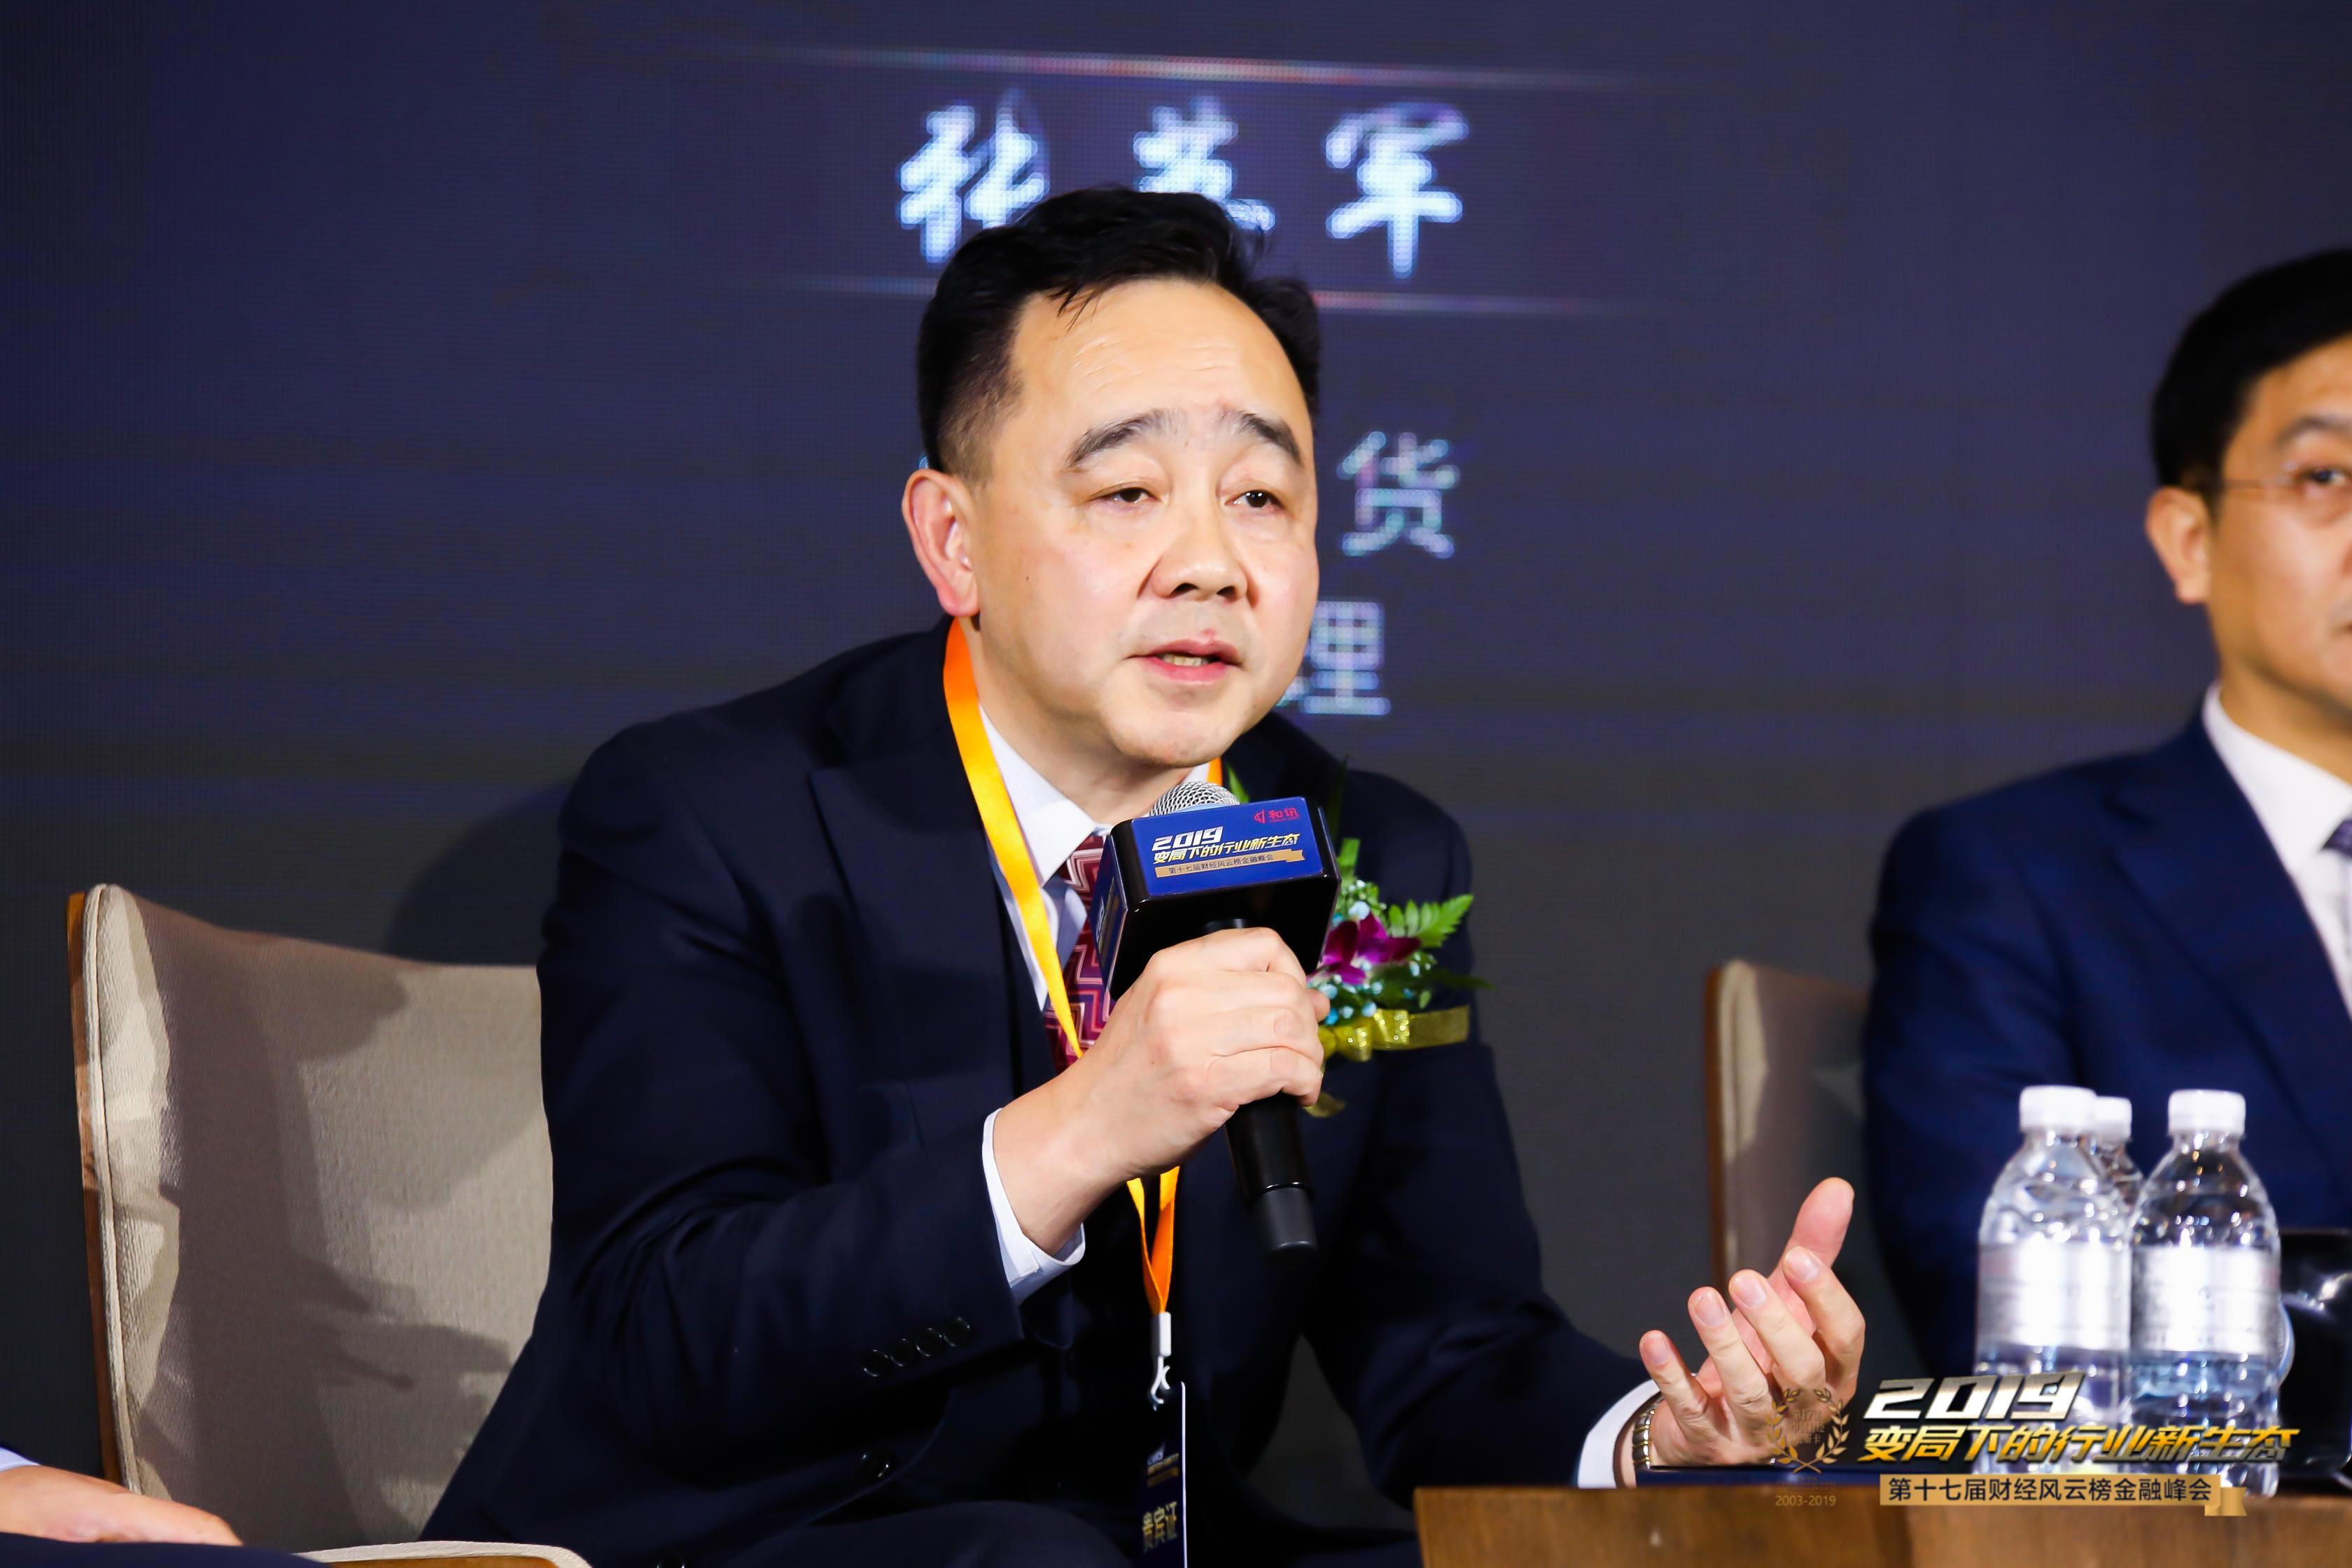 许丹良:风险管理业务是未来中国期货行业发展的主要方向